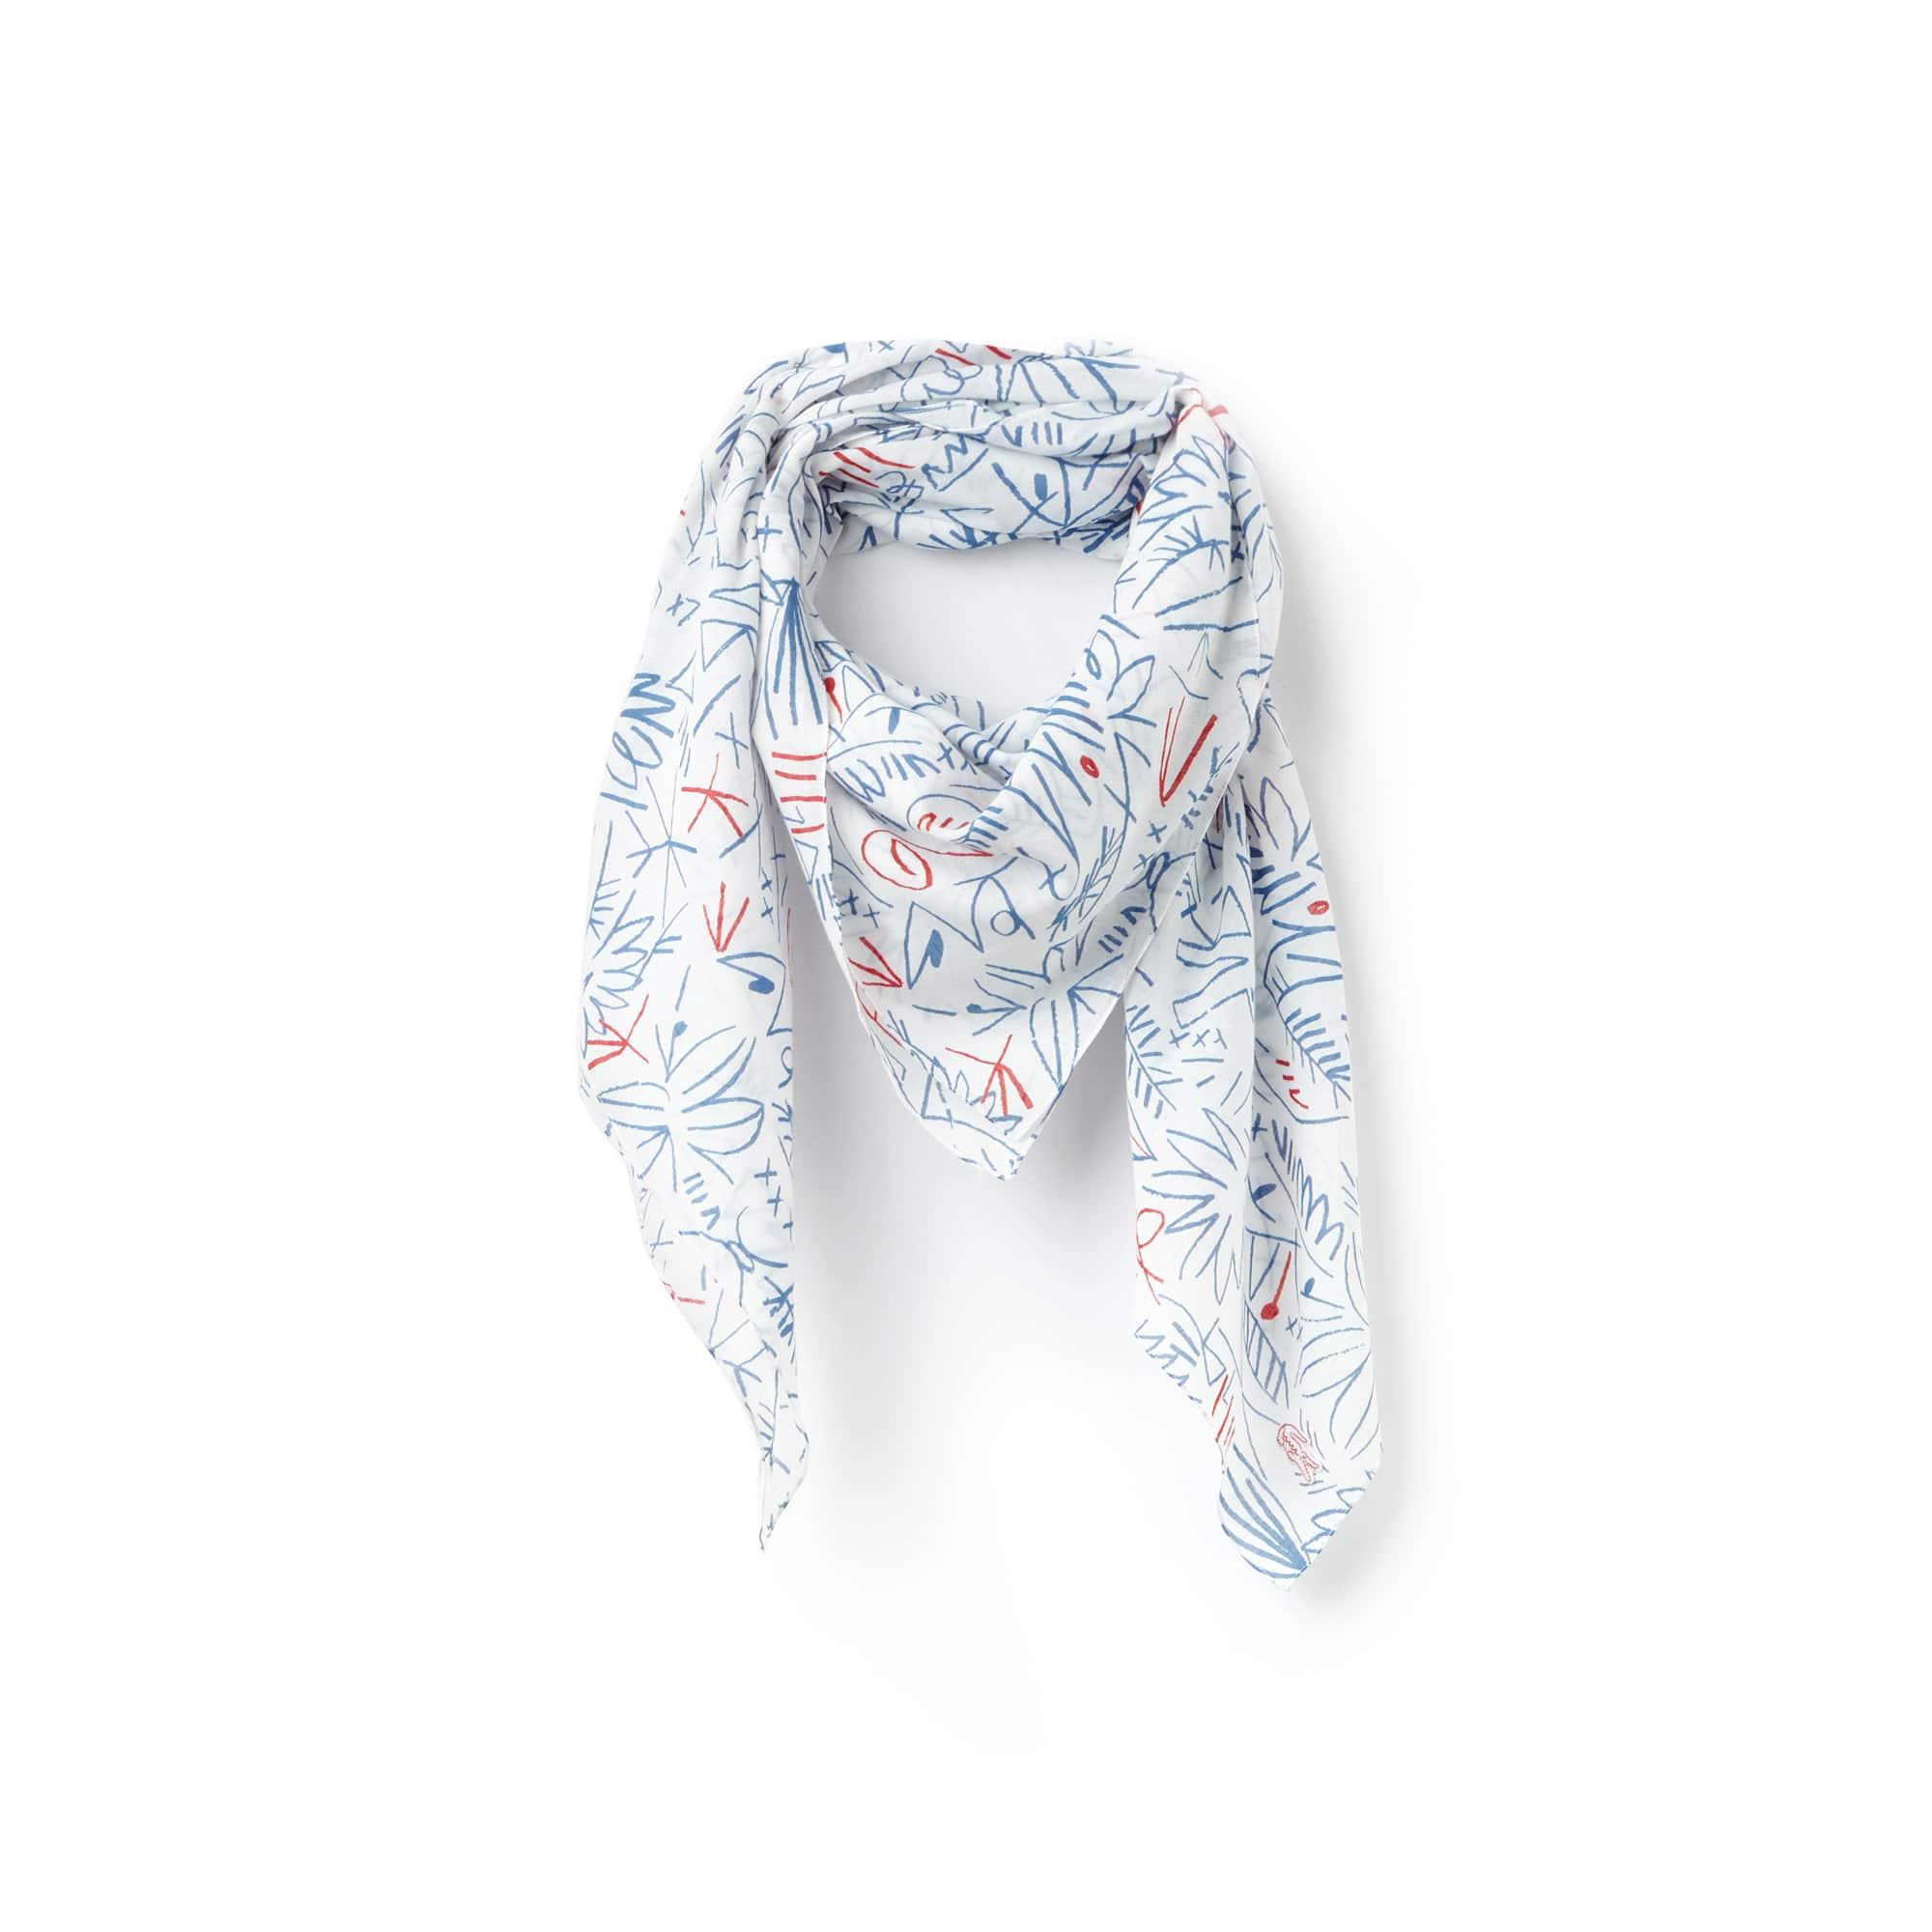 Écharpe em voile de algodão com impressão